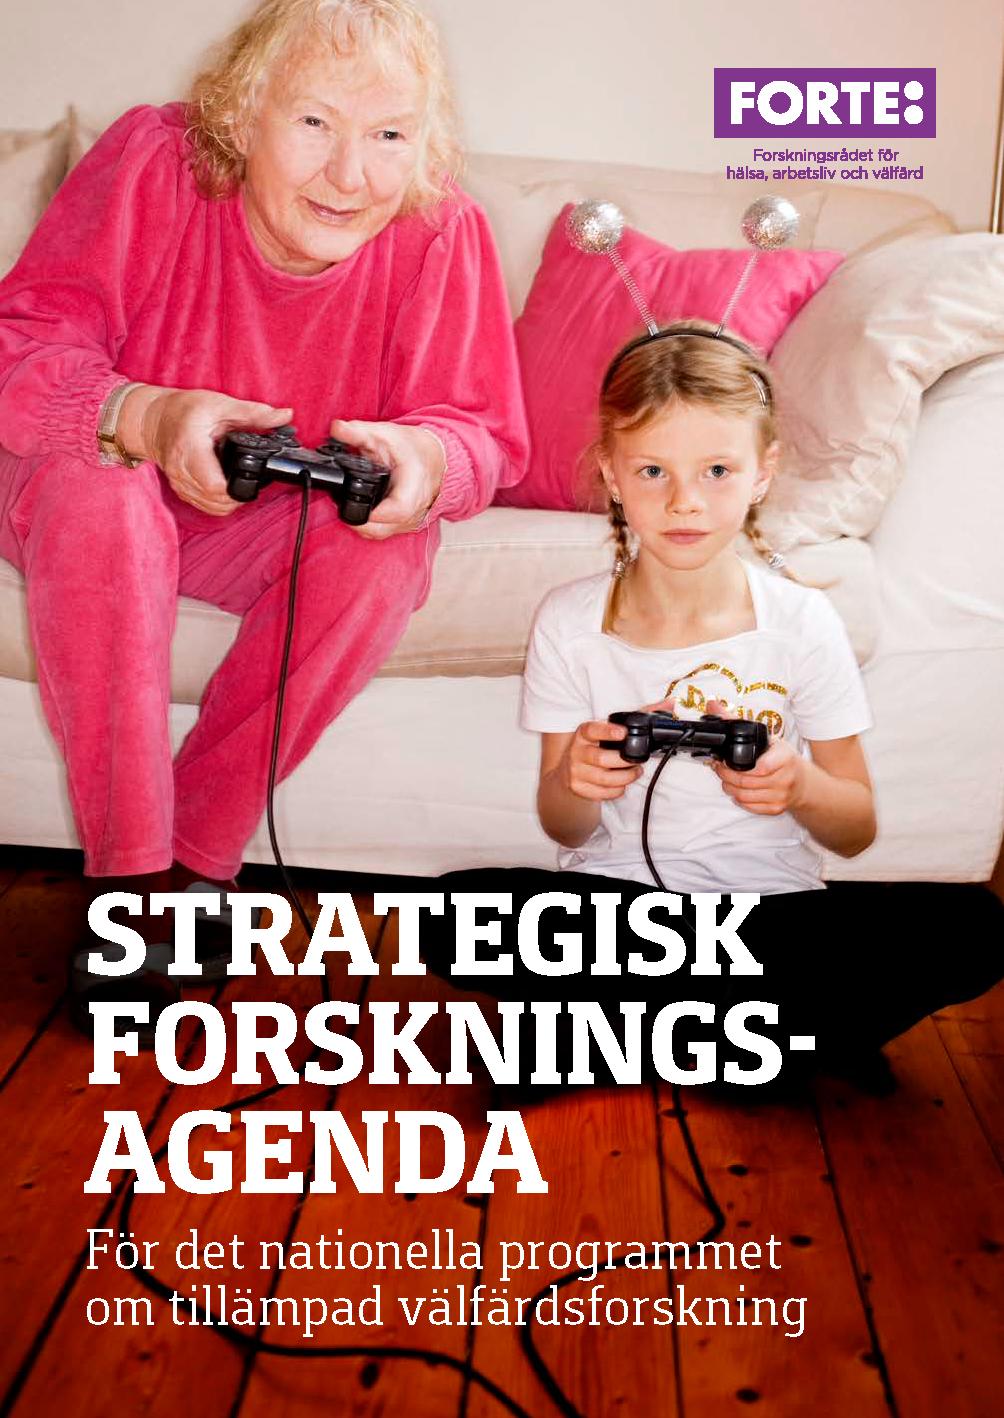 Strategisk forskningsagenda för tillämpad välfärdsforskning (kortversion)